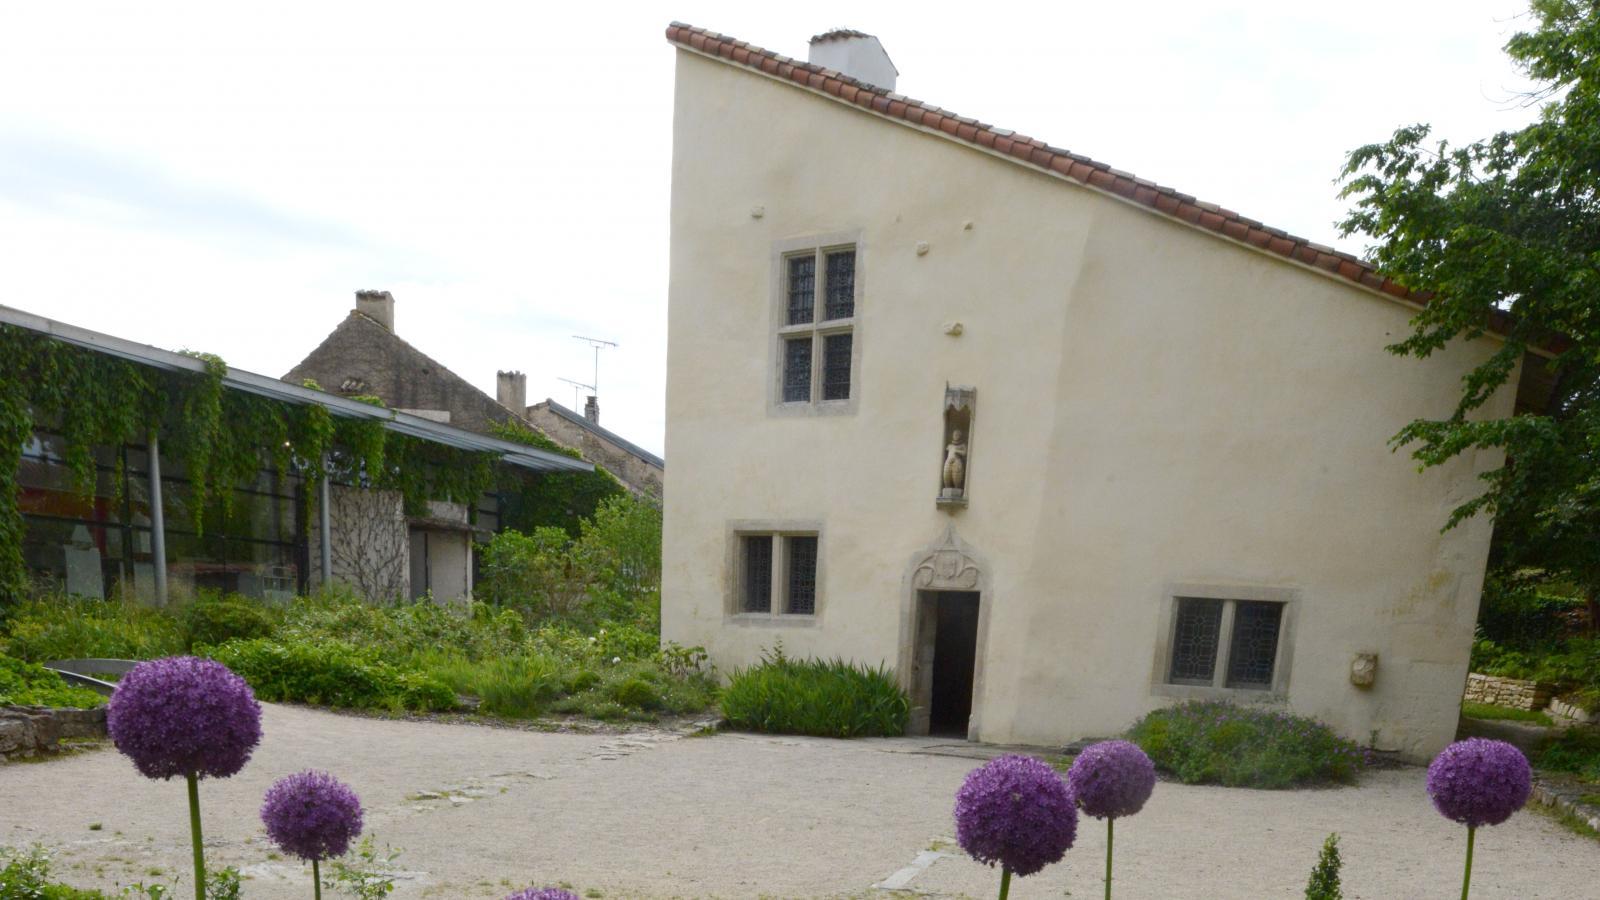 Maison natale de Jeanne d'Arc - Domremy